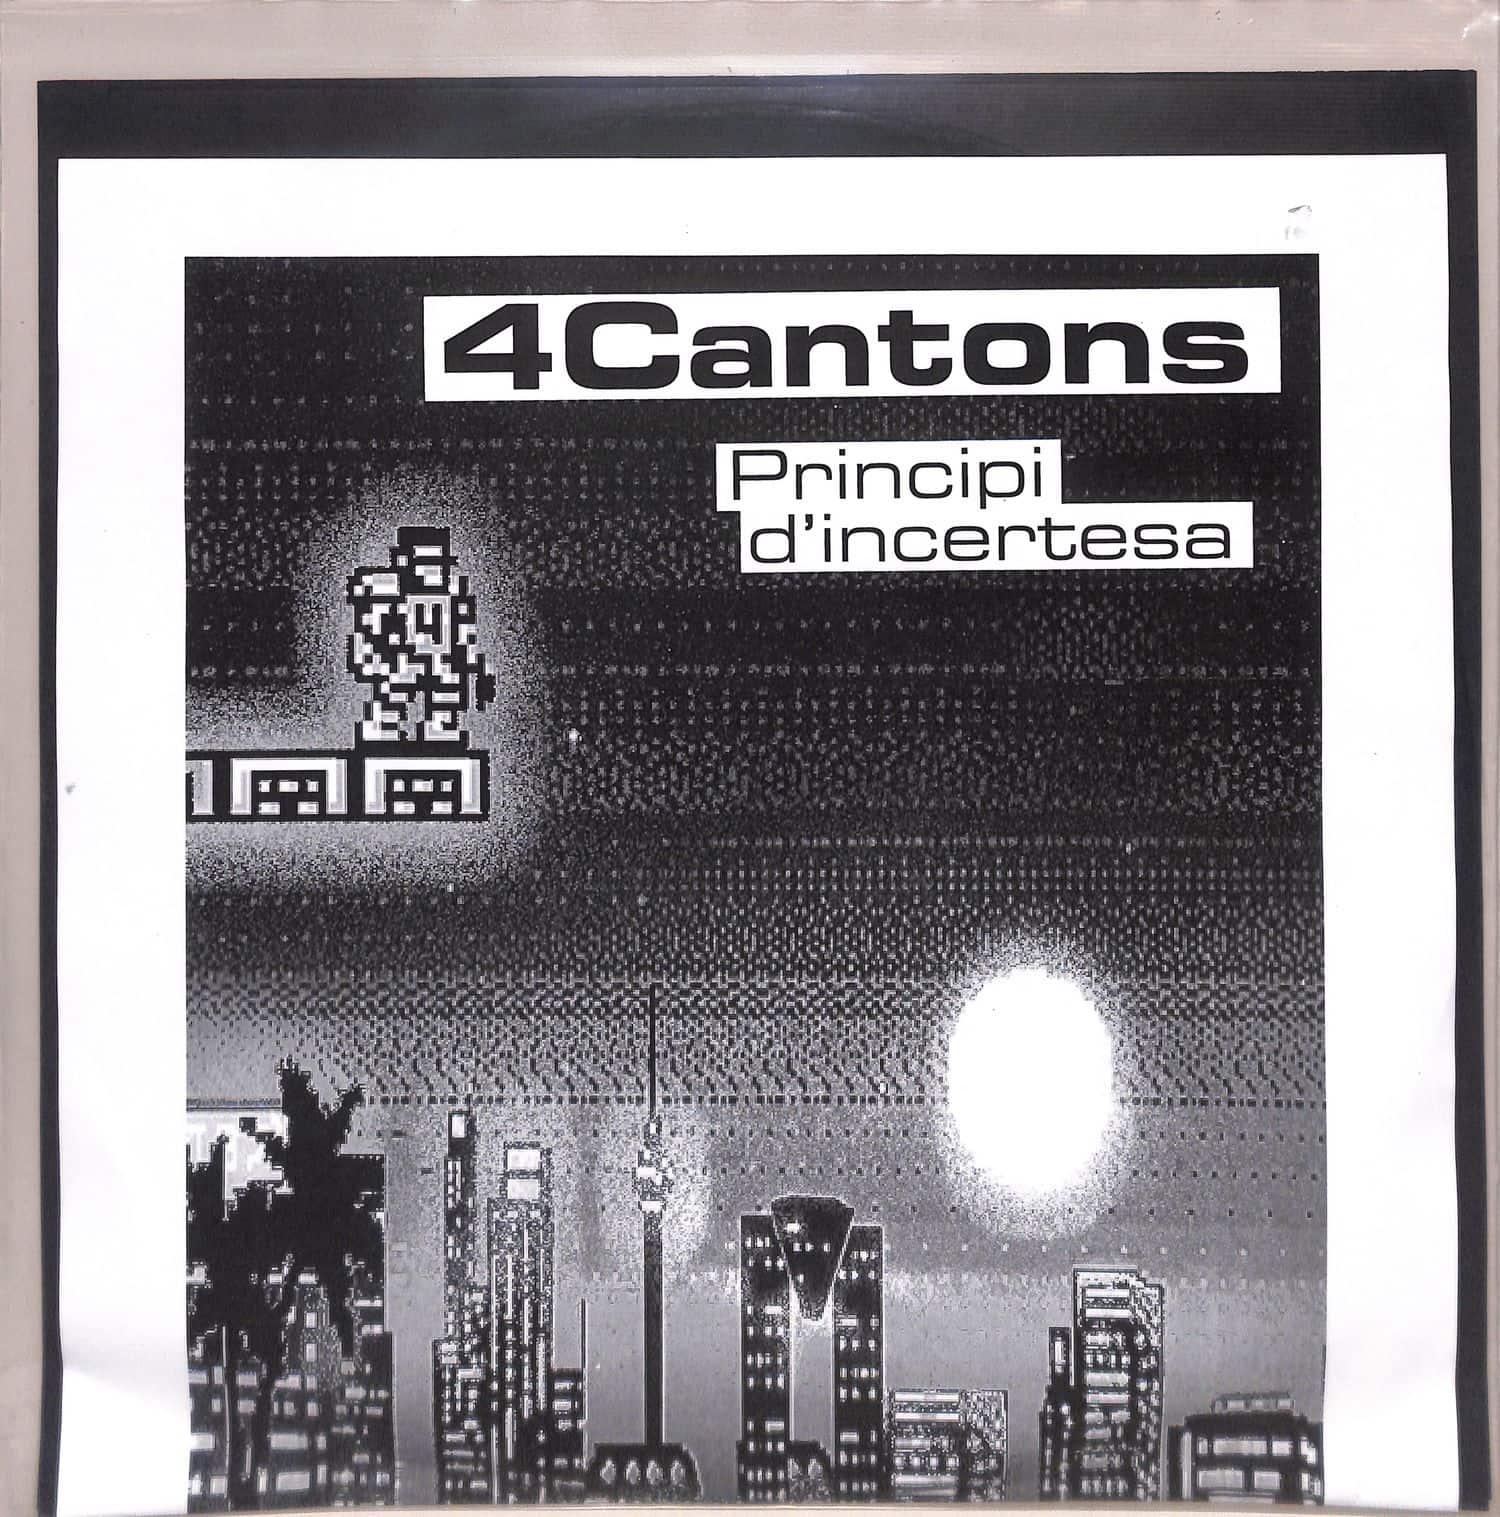 4Cantons - PRINCIPOI D INCERTESA